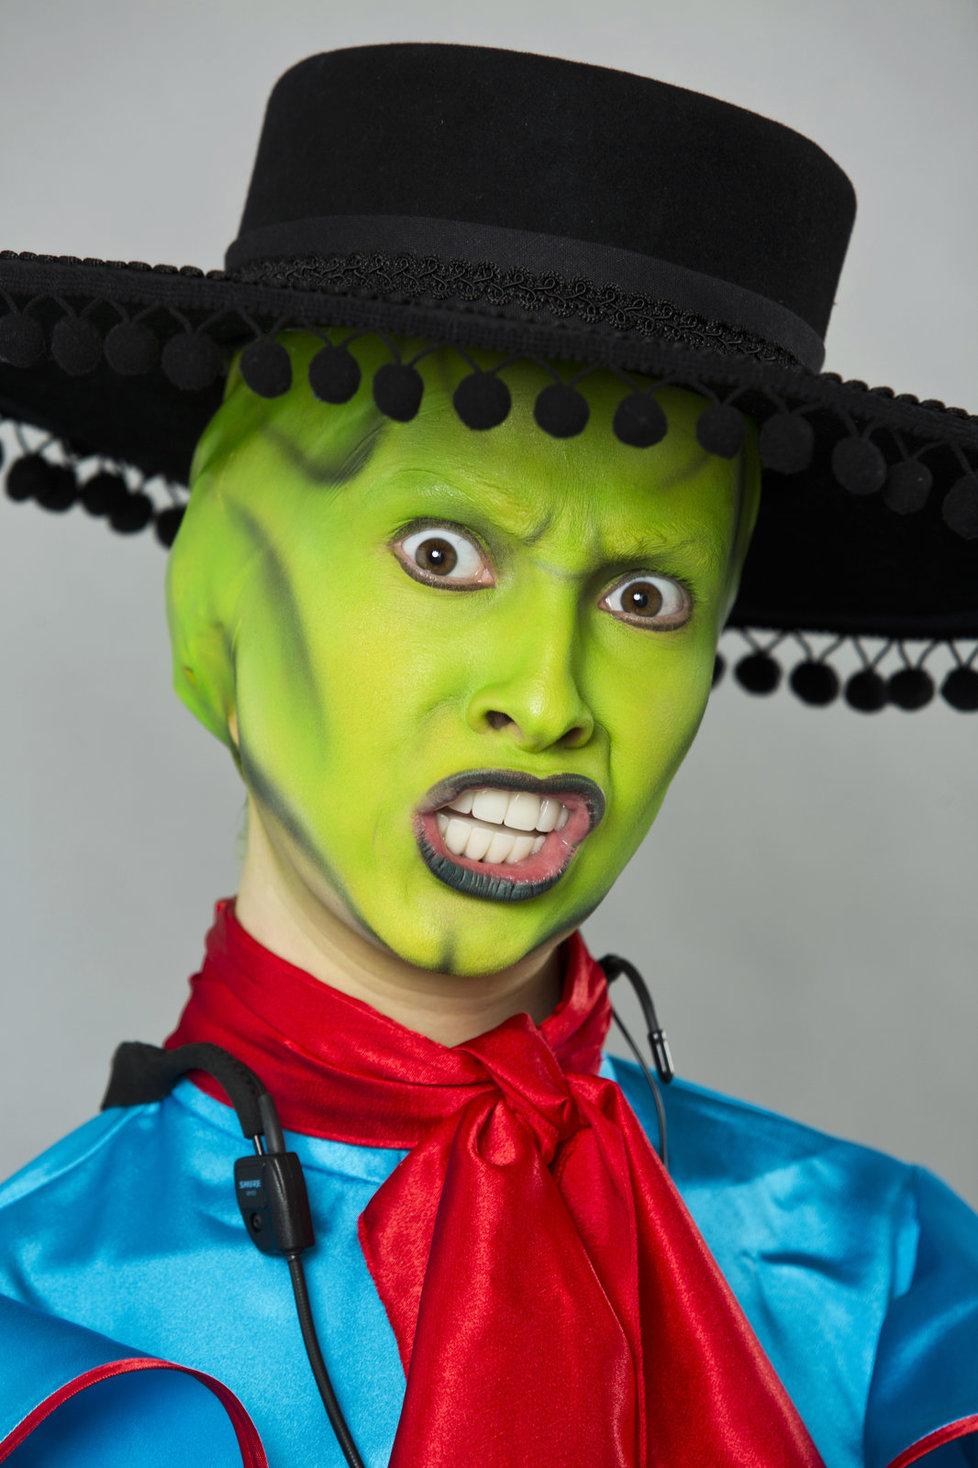 Tvoje tvář má známý hlas: Anička Fialová je věrnou kopií slavného zelenáče.